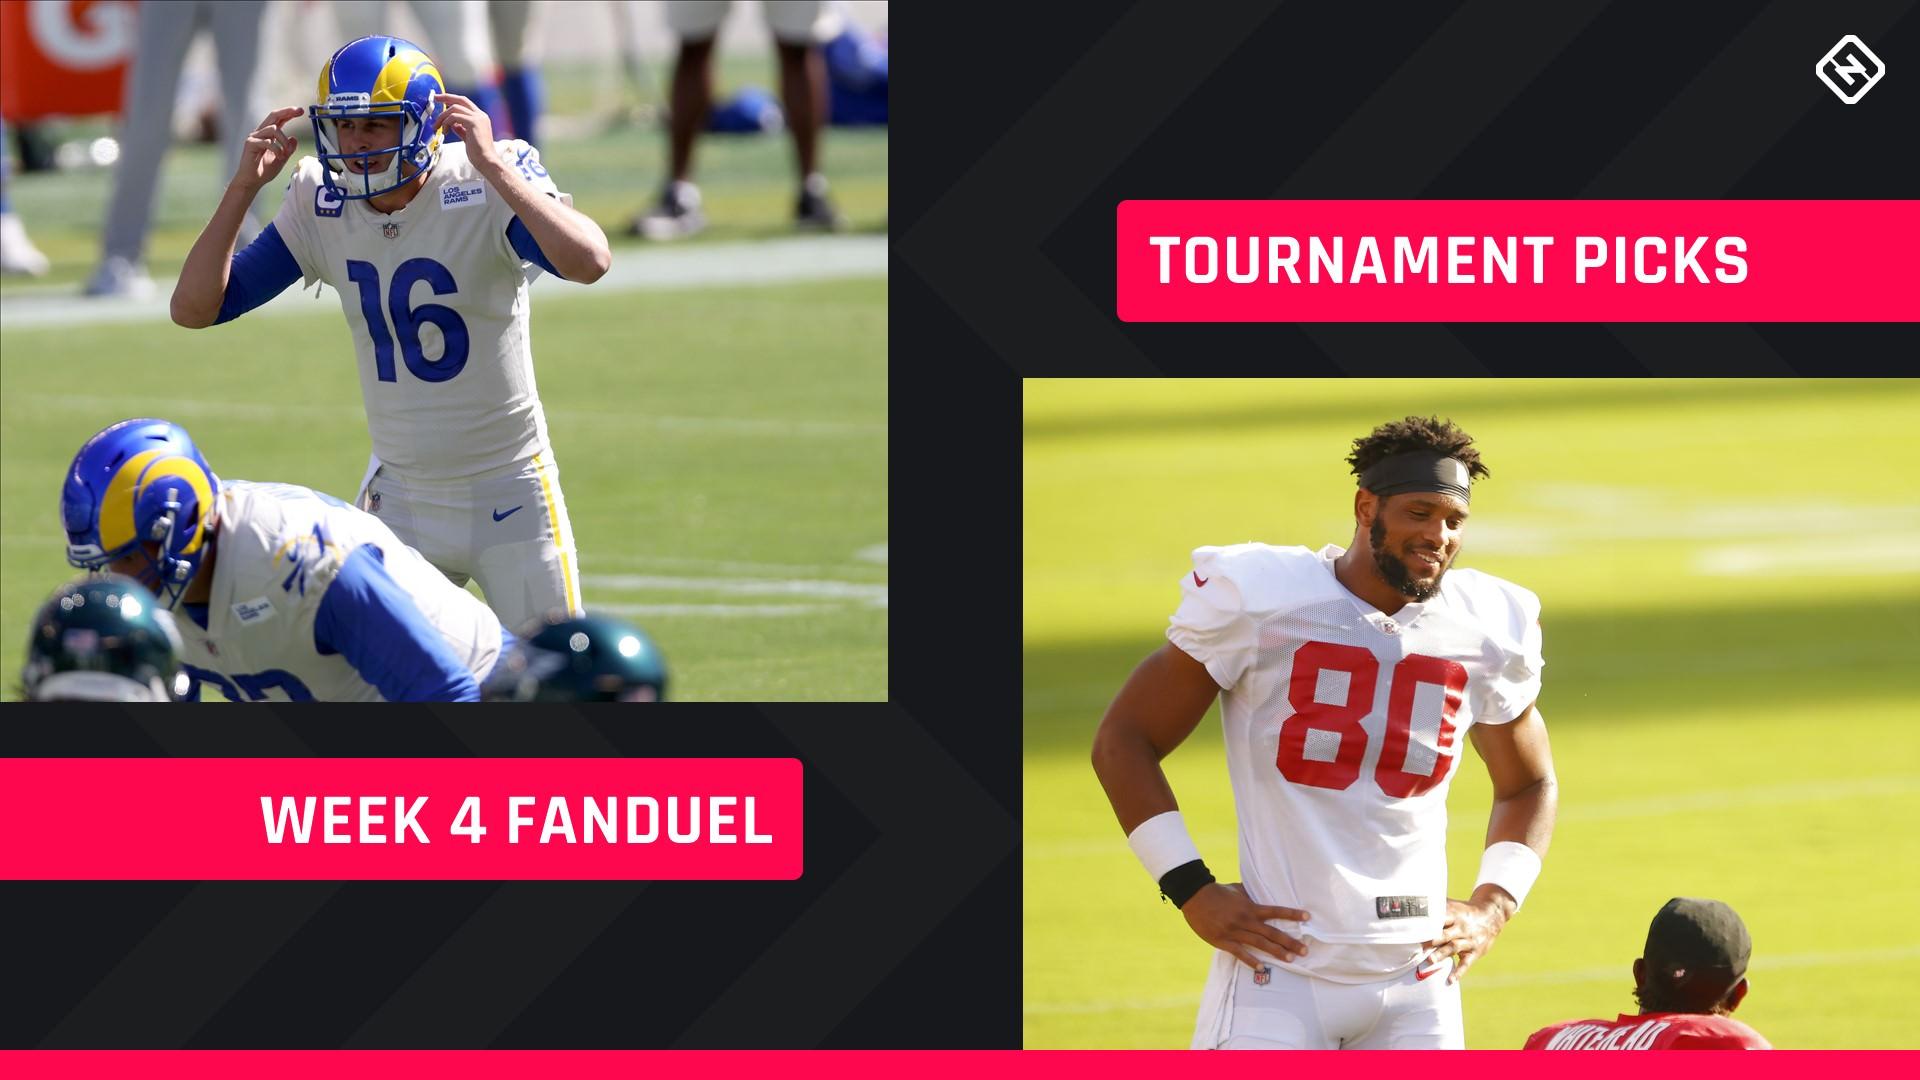 Semana 4 FanDuel Picks: Conselhos sobre escalação NFL DFS para torneios GPP diários de fantasy football